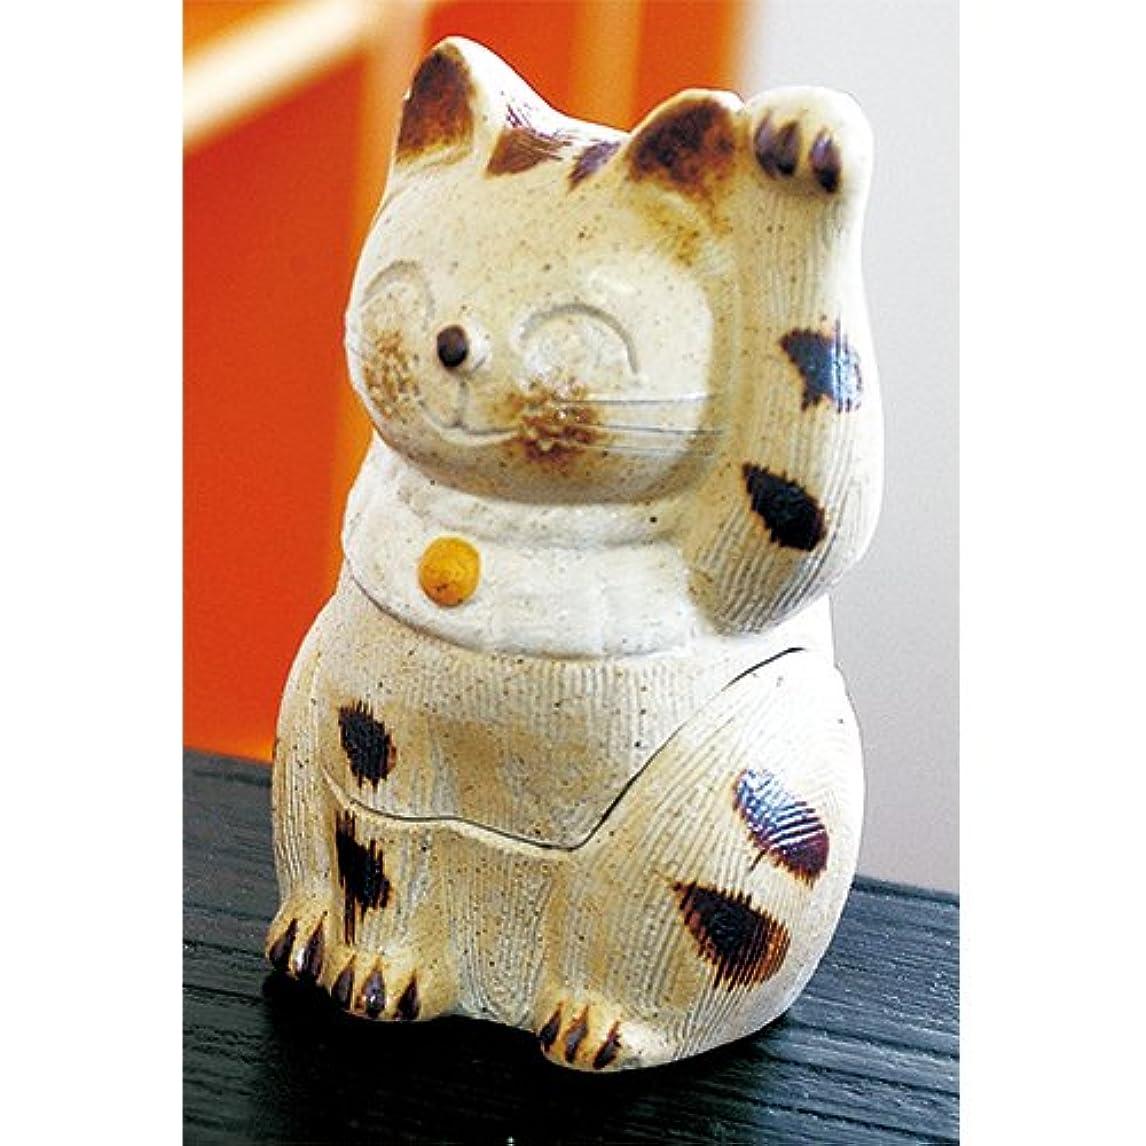 棚軍団回転させる香炉 ひとまねき猫 香炉(小) [H9.5cm] HANDMADE プレゼント ギフト 和食器 かわいい インテリア